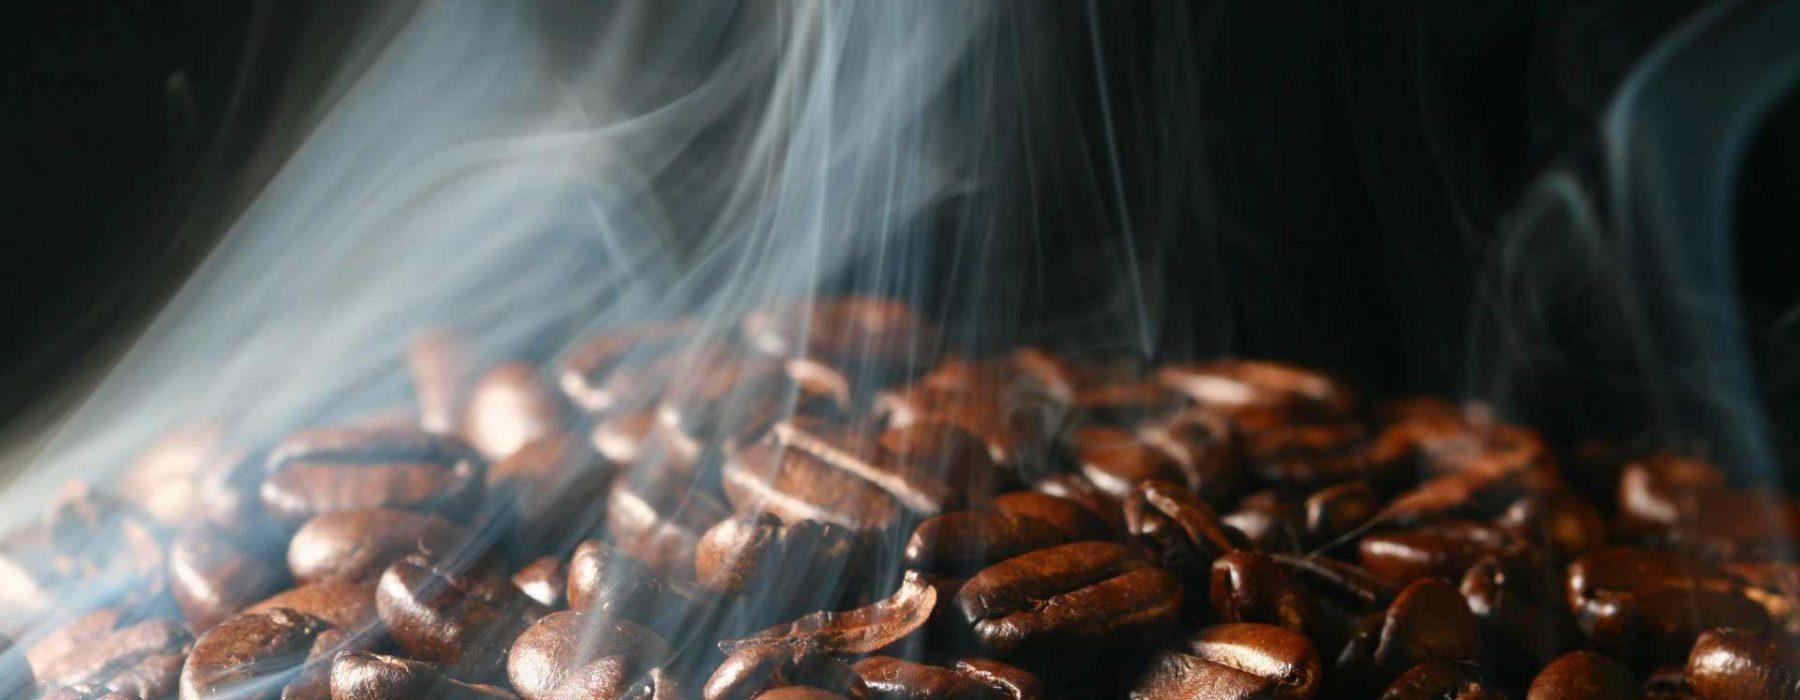 من الحرفيين تحميص القهوة الإيطالية الأكثر أصالة